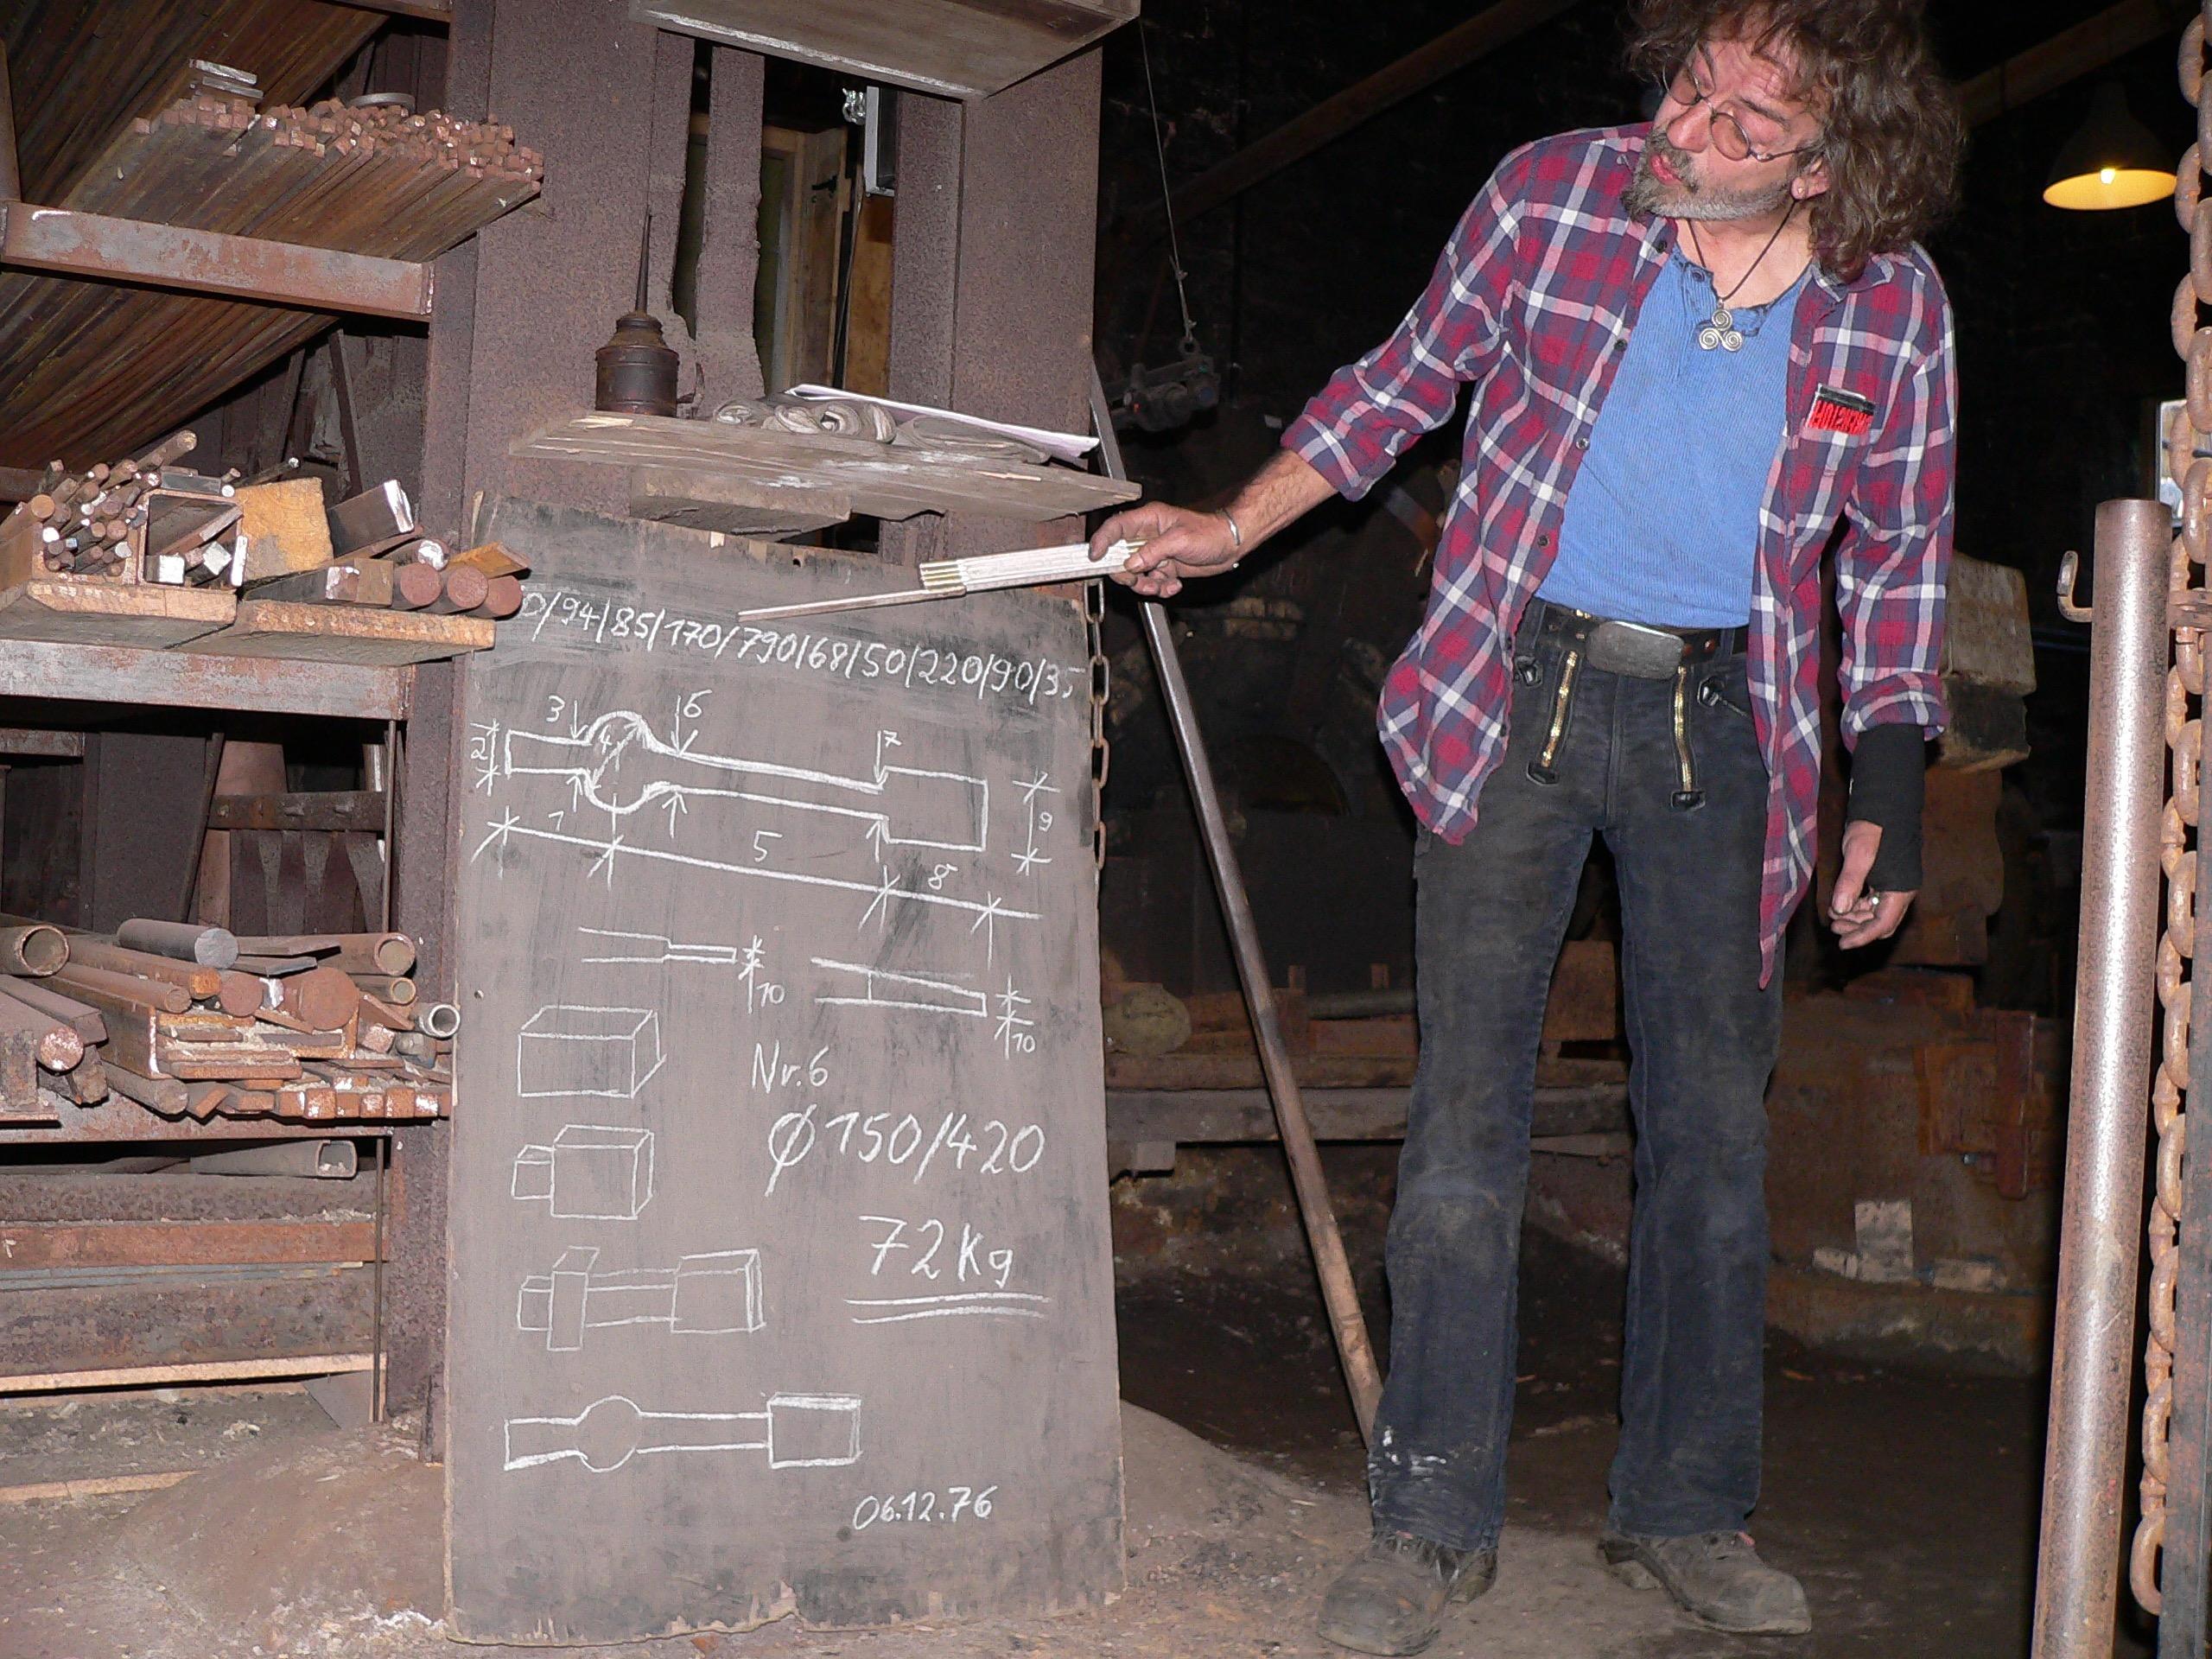 Millimeterarbeit ist es, einen Glockenklöppel zu schimieden. Jeder Abschnitt ist genau vermaßt. | Foto: B. Schneider